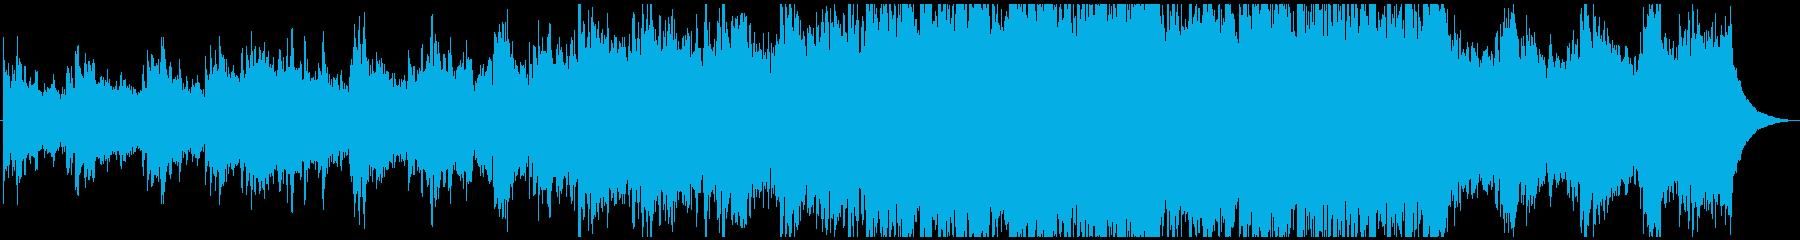 現代的 交響曲 モダン 室内楽 ド...の再生済みの波形